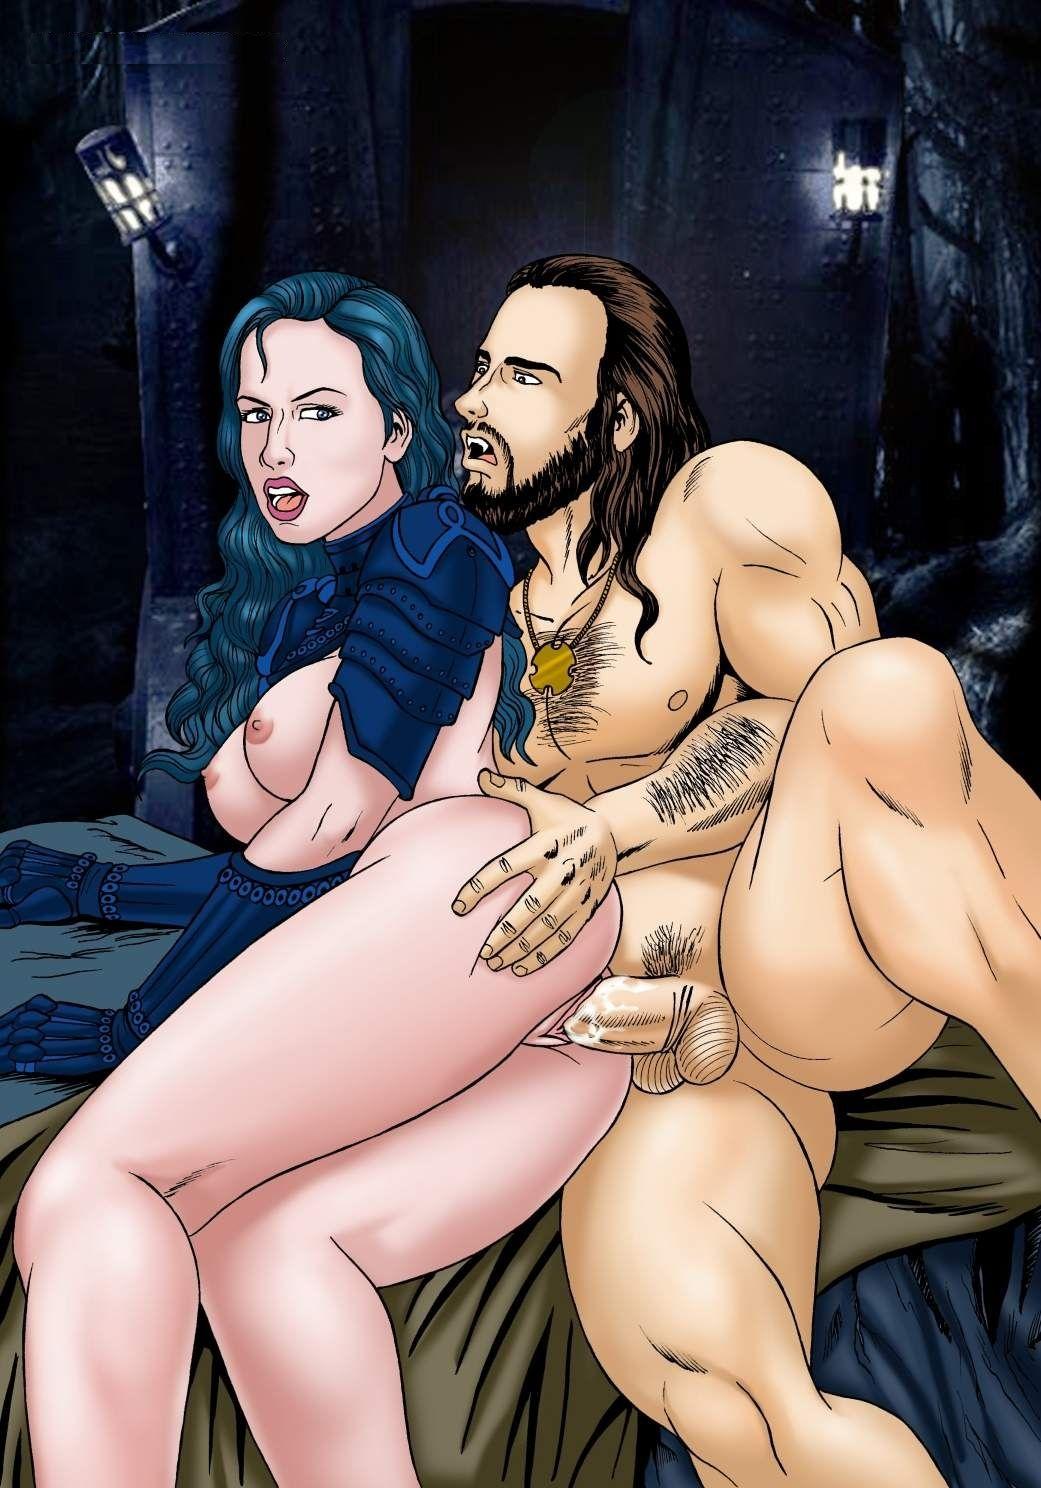 пацаном, которая смотреть онлайн порно средневековое фото мам чулках